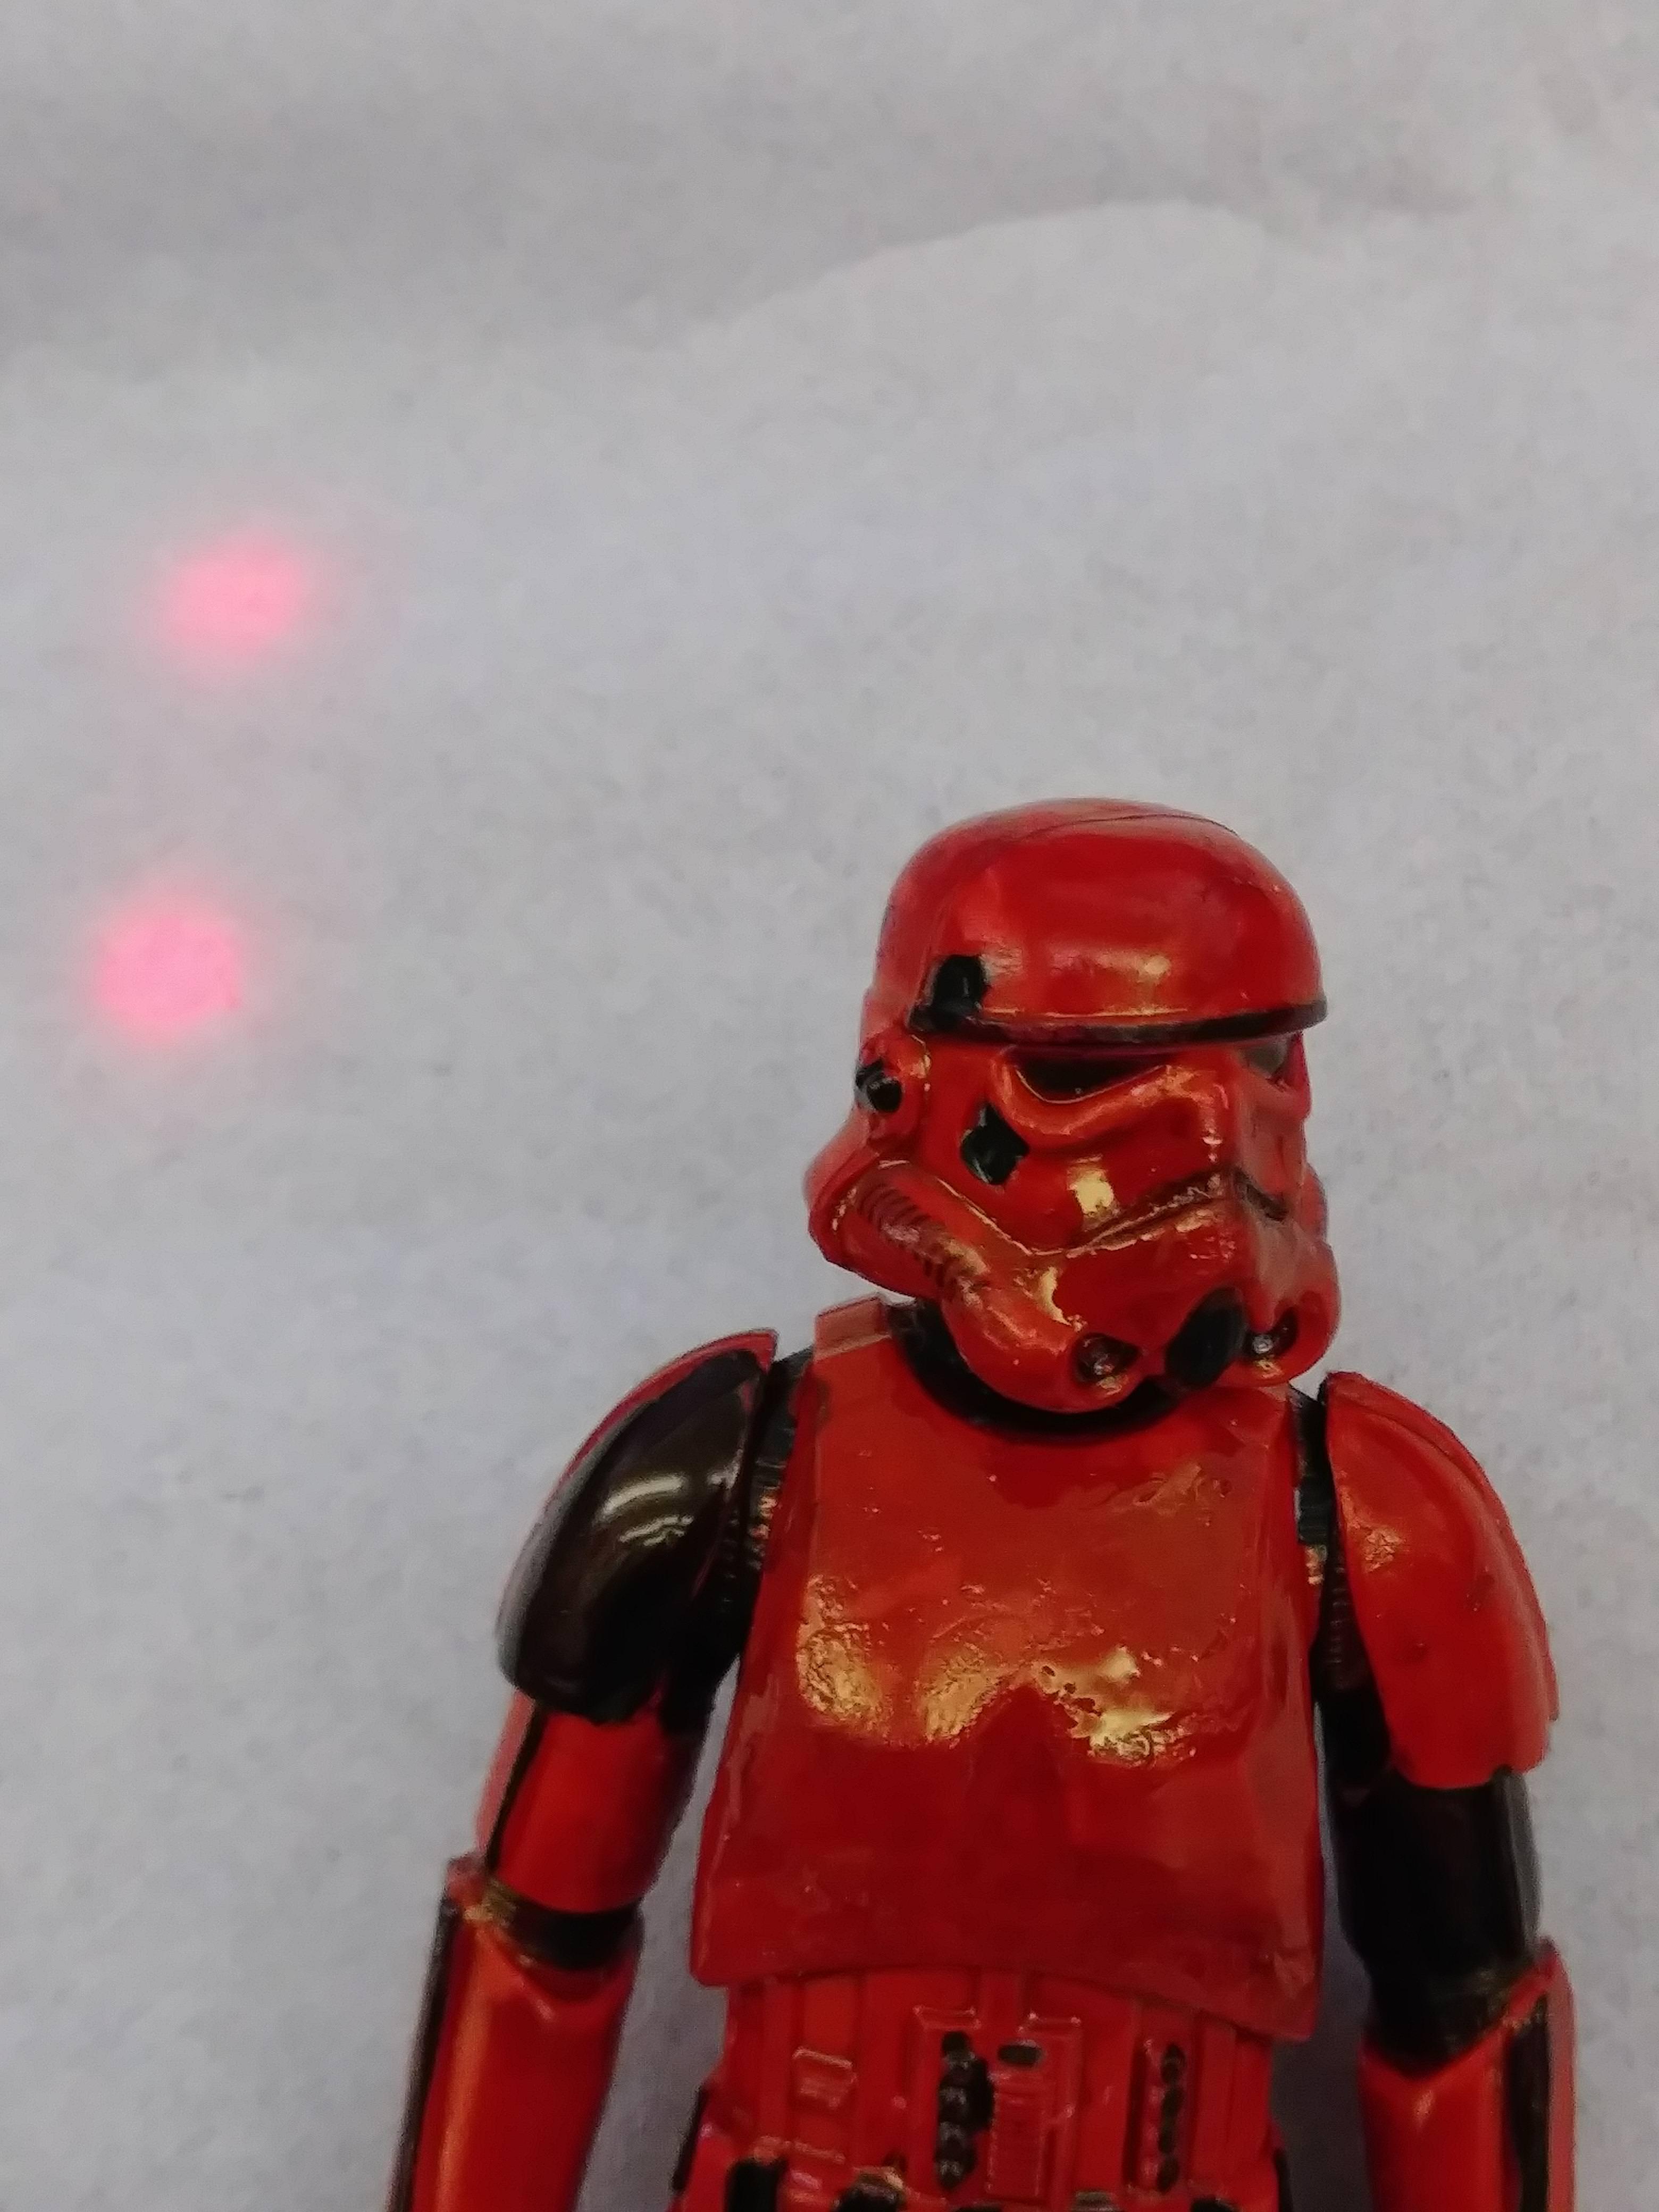 How do stormtroopers look in crimson?